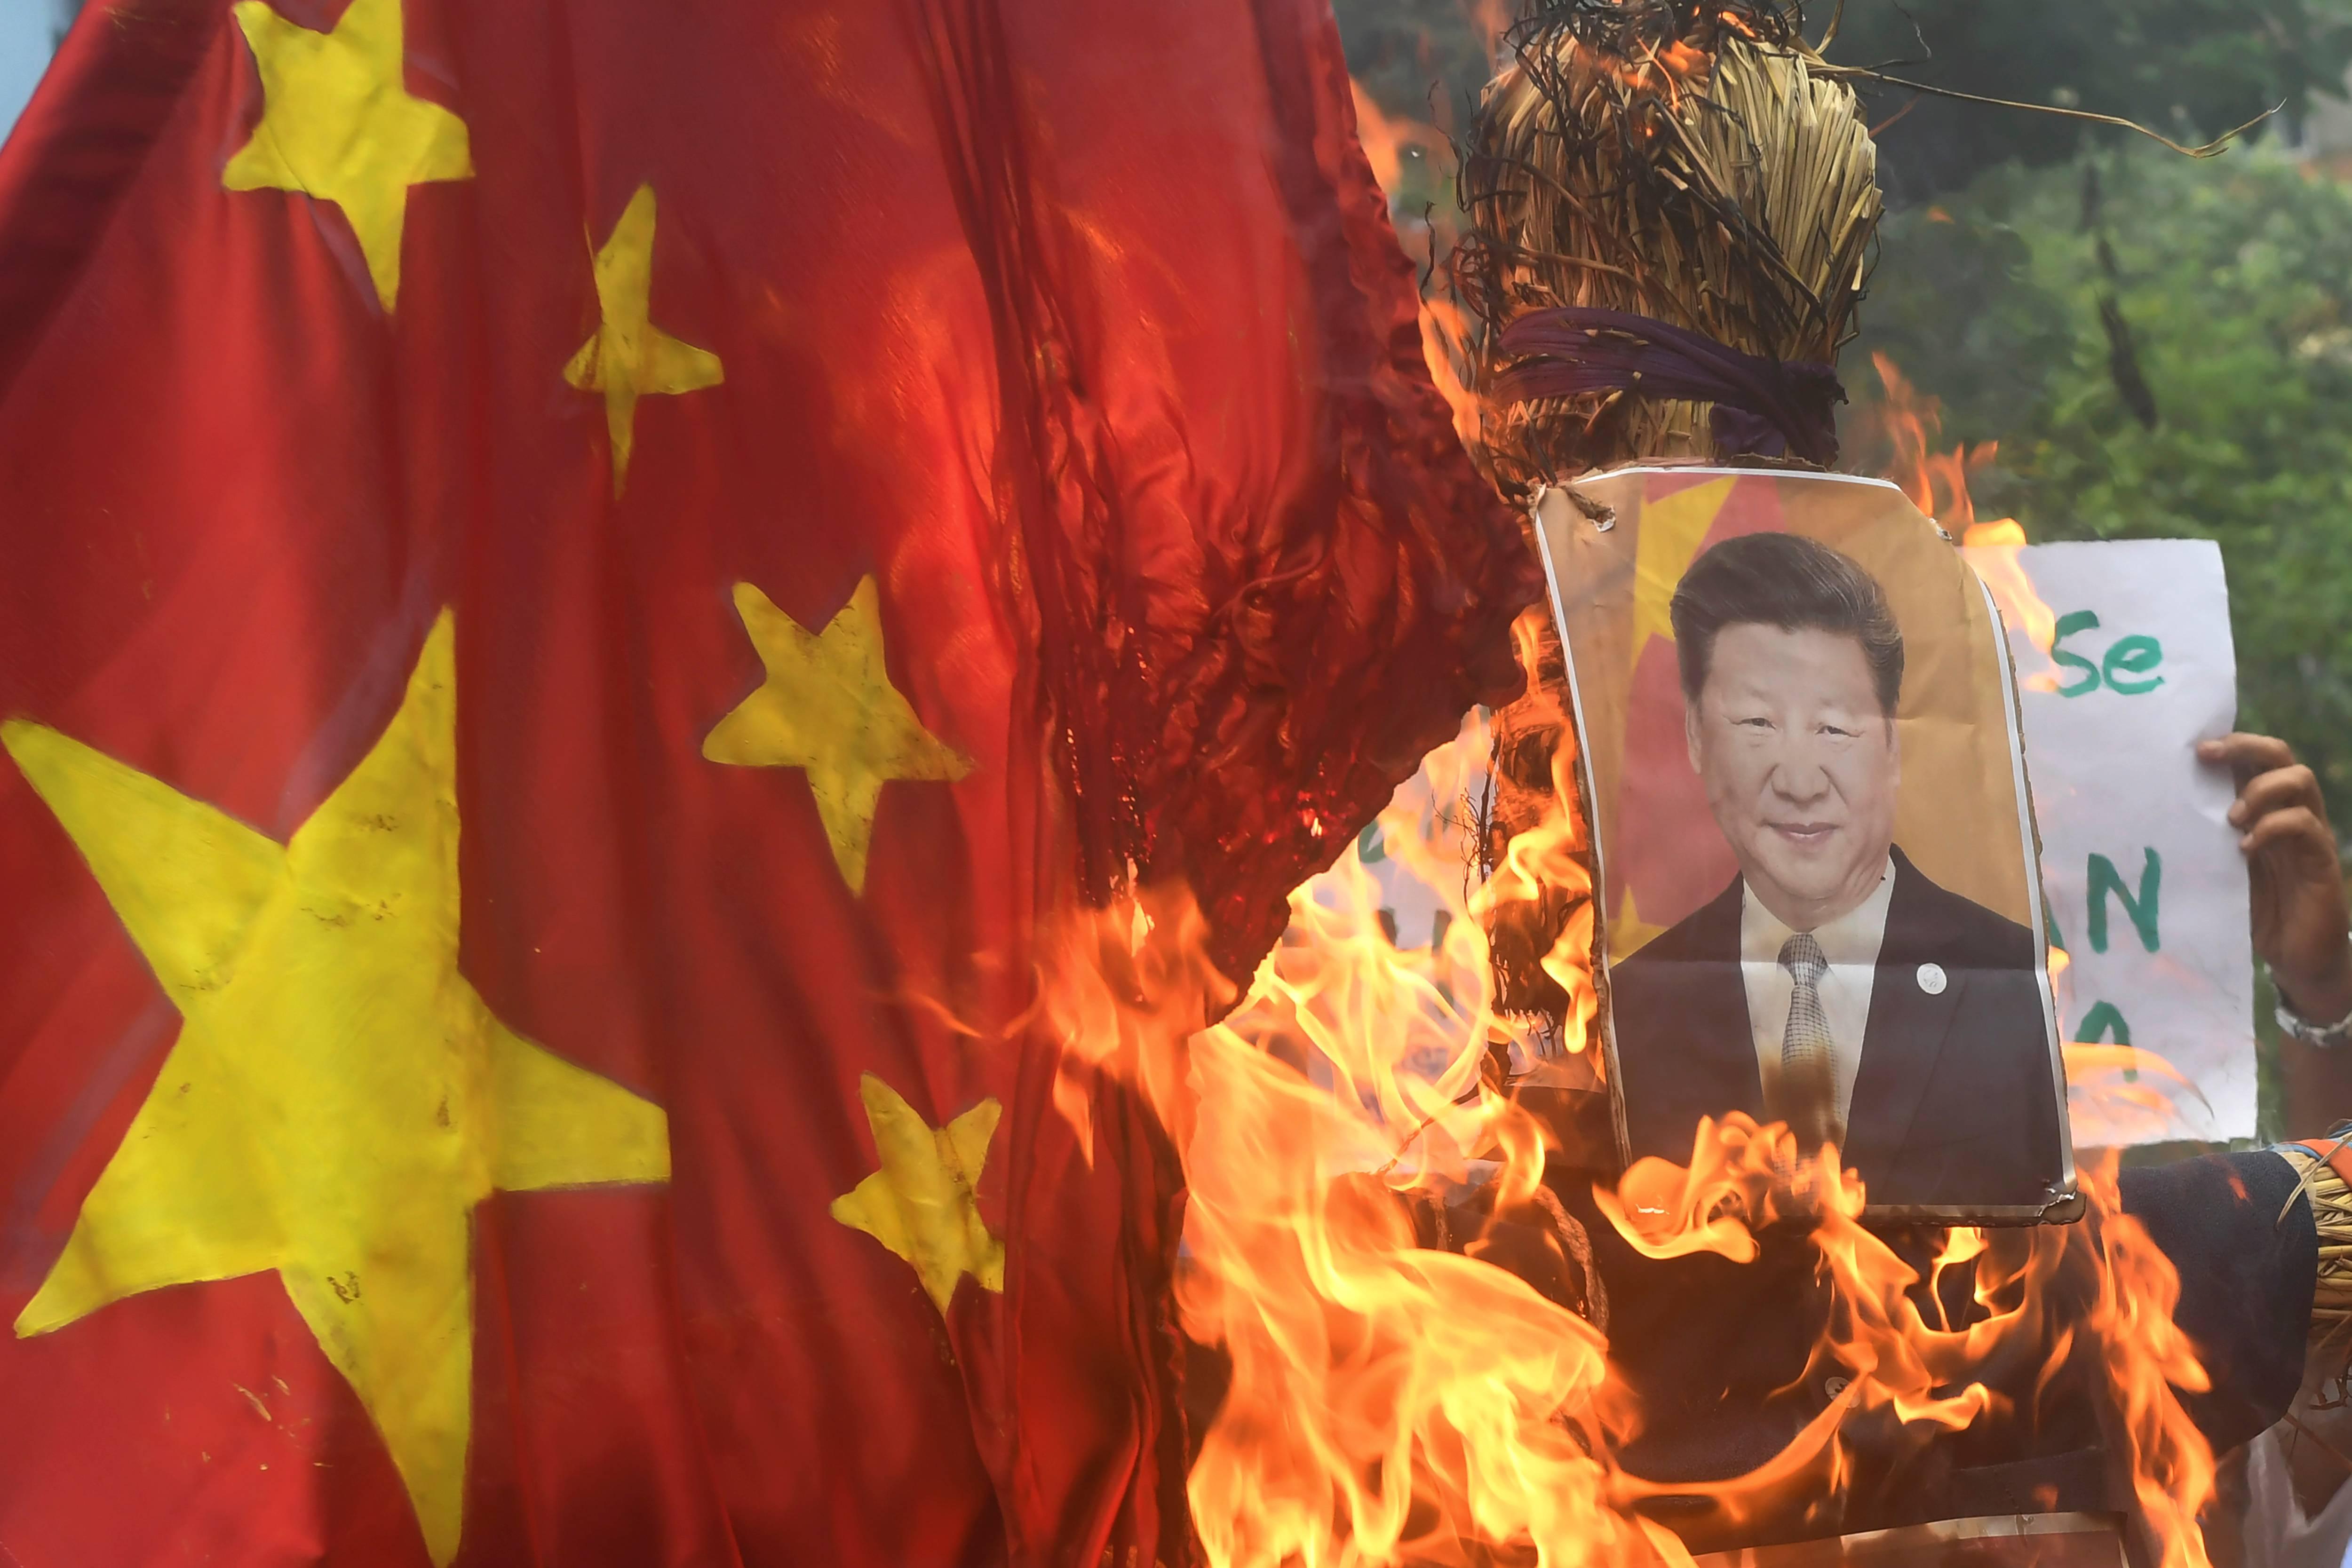 Manifestantes queimam uma efígie do presidente chinês Xi Jinping e da bandeira nacional da China durante uma manifestação anti-China em Calcutá, 18 de junho de 2020 | FOTO: Dibyangshu SARKAR/AFP